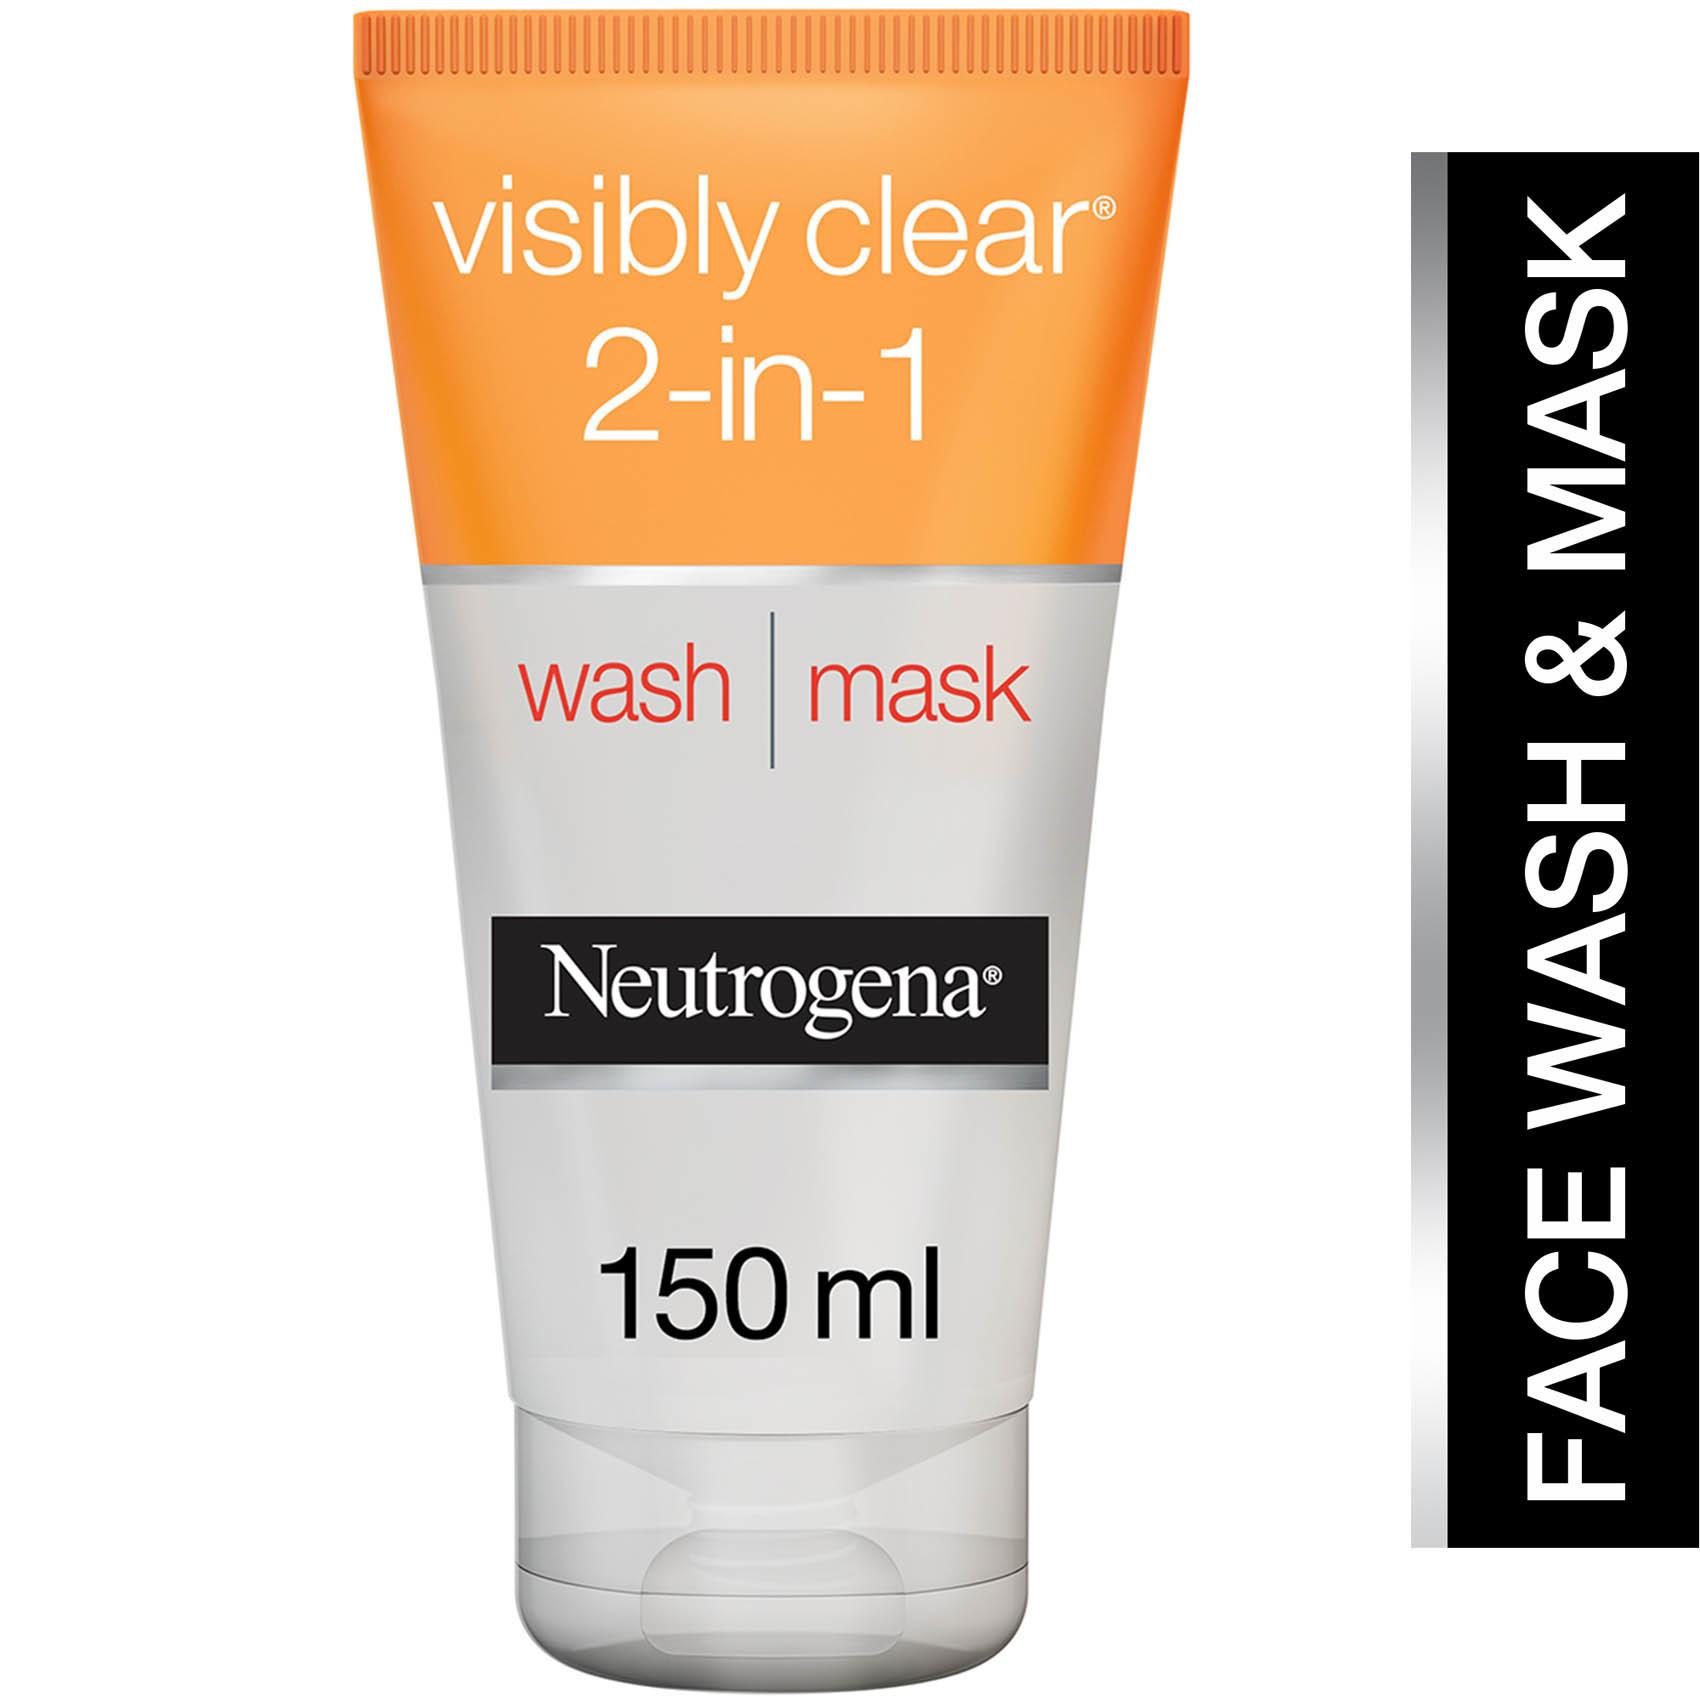 NTG VIS CLR WASH MASK 150ML